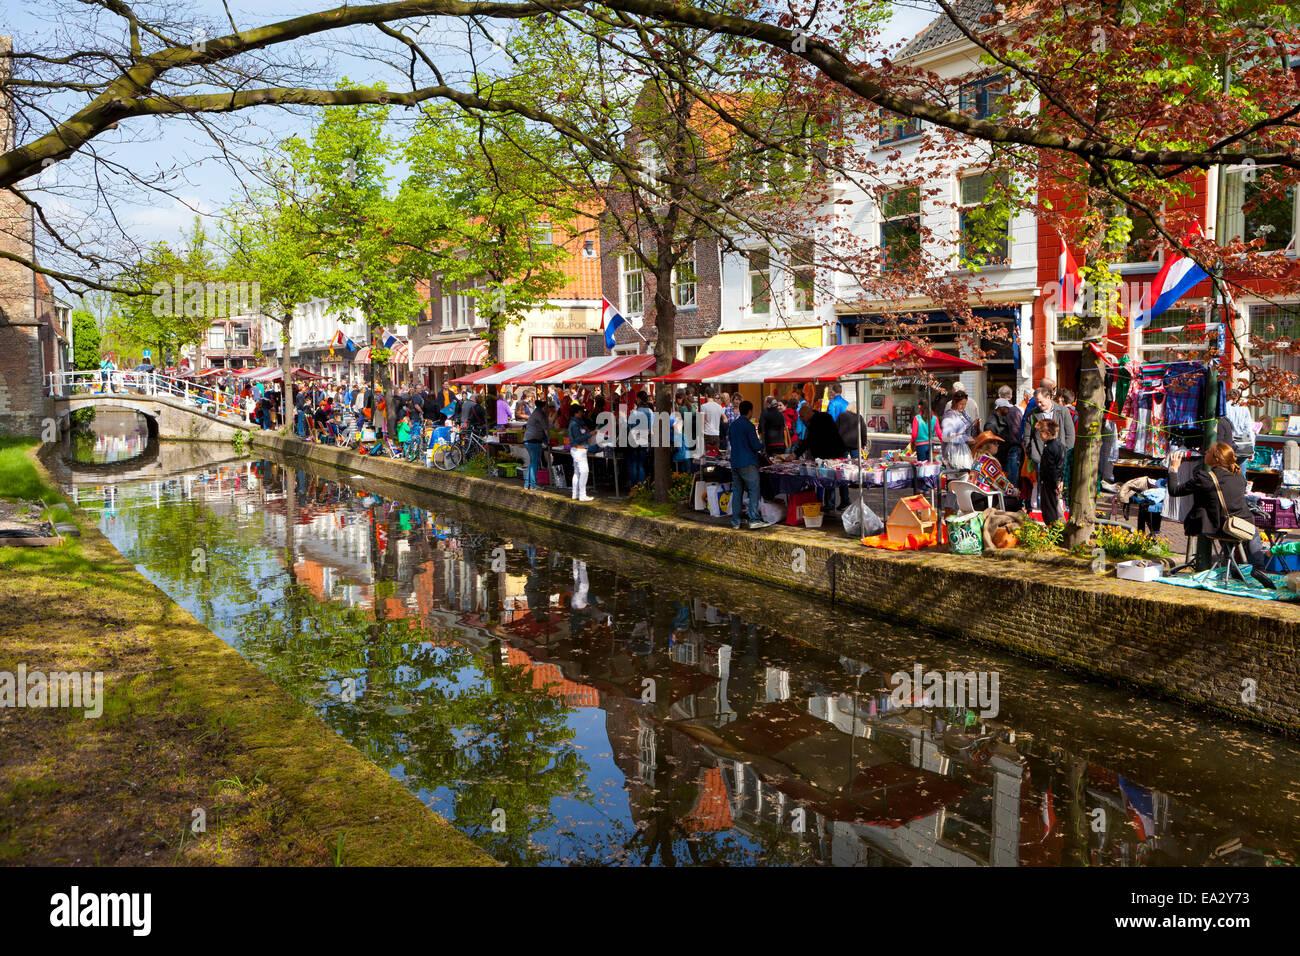 Marché aux puces de la fête du Roi le long d'un canal, Delft, Hollande méridionale, Pays-Bas, Photo Stock